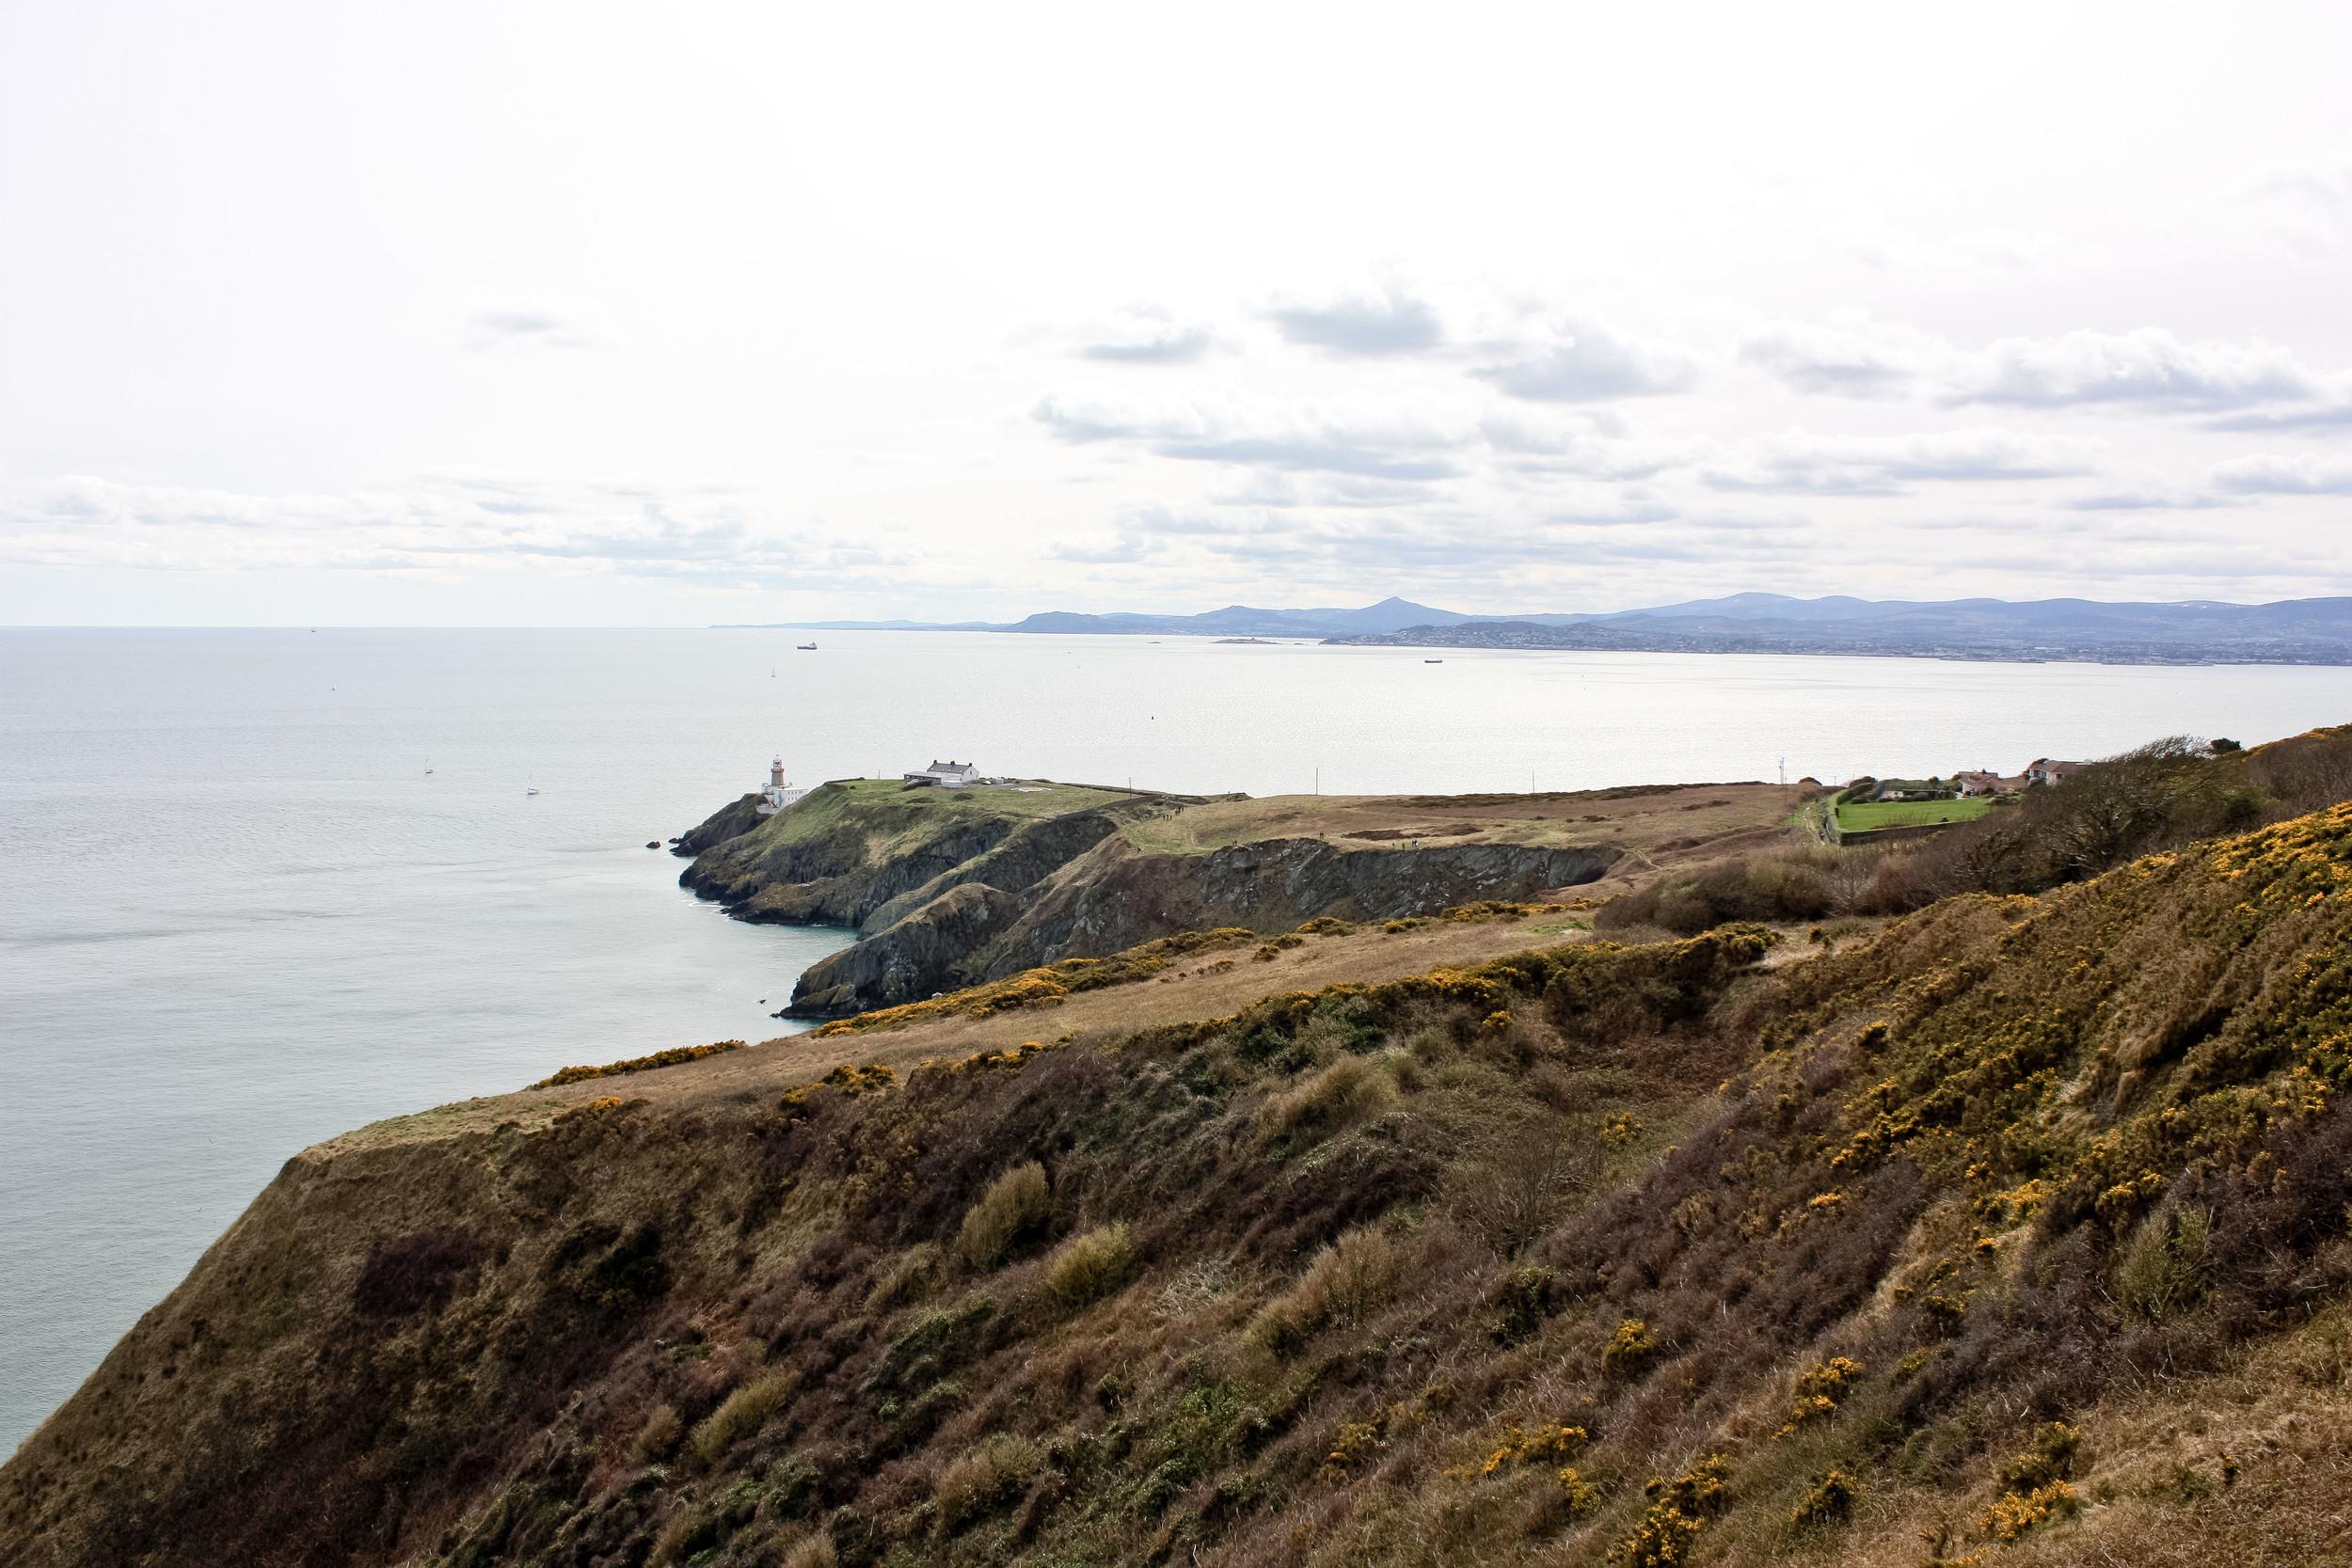 baily lighthouse dublin harbor ireland alue optics